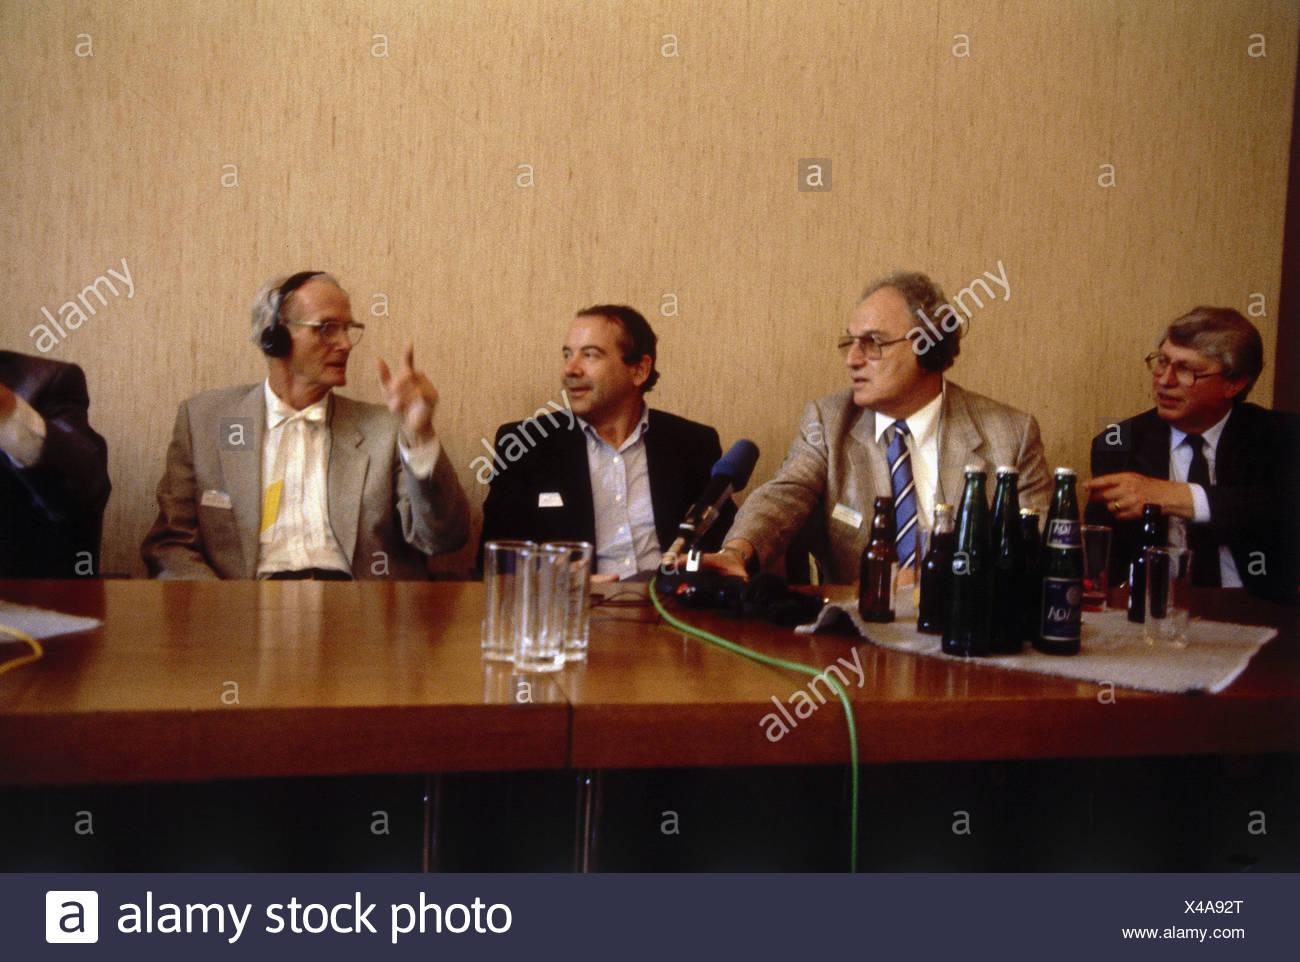 Lipscomb, William Num, * 9.12.1919, US-amerikanischer Wissenschaftler, (Chemie), halbe Länge, mit Gerhard Ertl (Physiker, Nobelpreis für Chemie 2007), Herbert Aaron Hauptman (Mathematiker/Physiker, Nobelpreis für Chemie 1985) und Johann Deisenhofer (Physiker, Nobelpreis für Chemie 1988), während der 39 Nobelpreisträger Konferenz, Lindau, Deutschland, 1989, Additional-Rights-Spiel-NA Stockbild